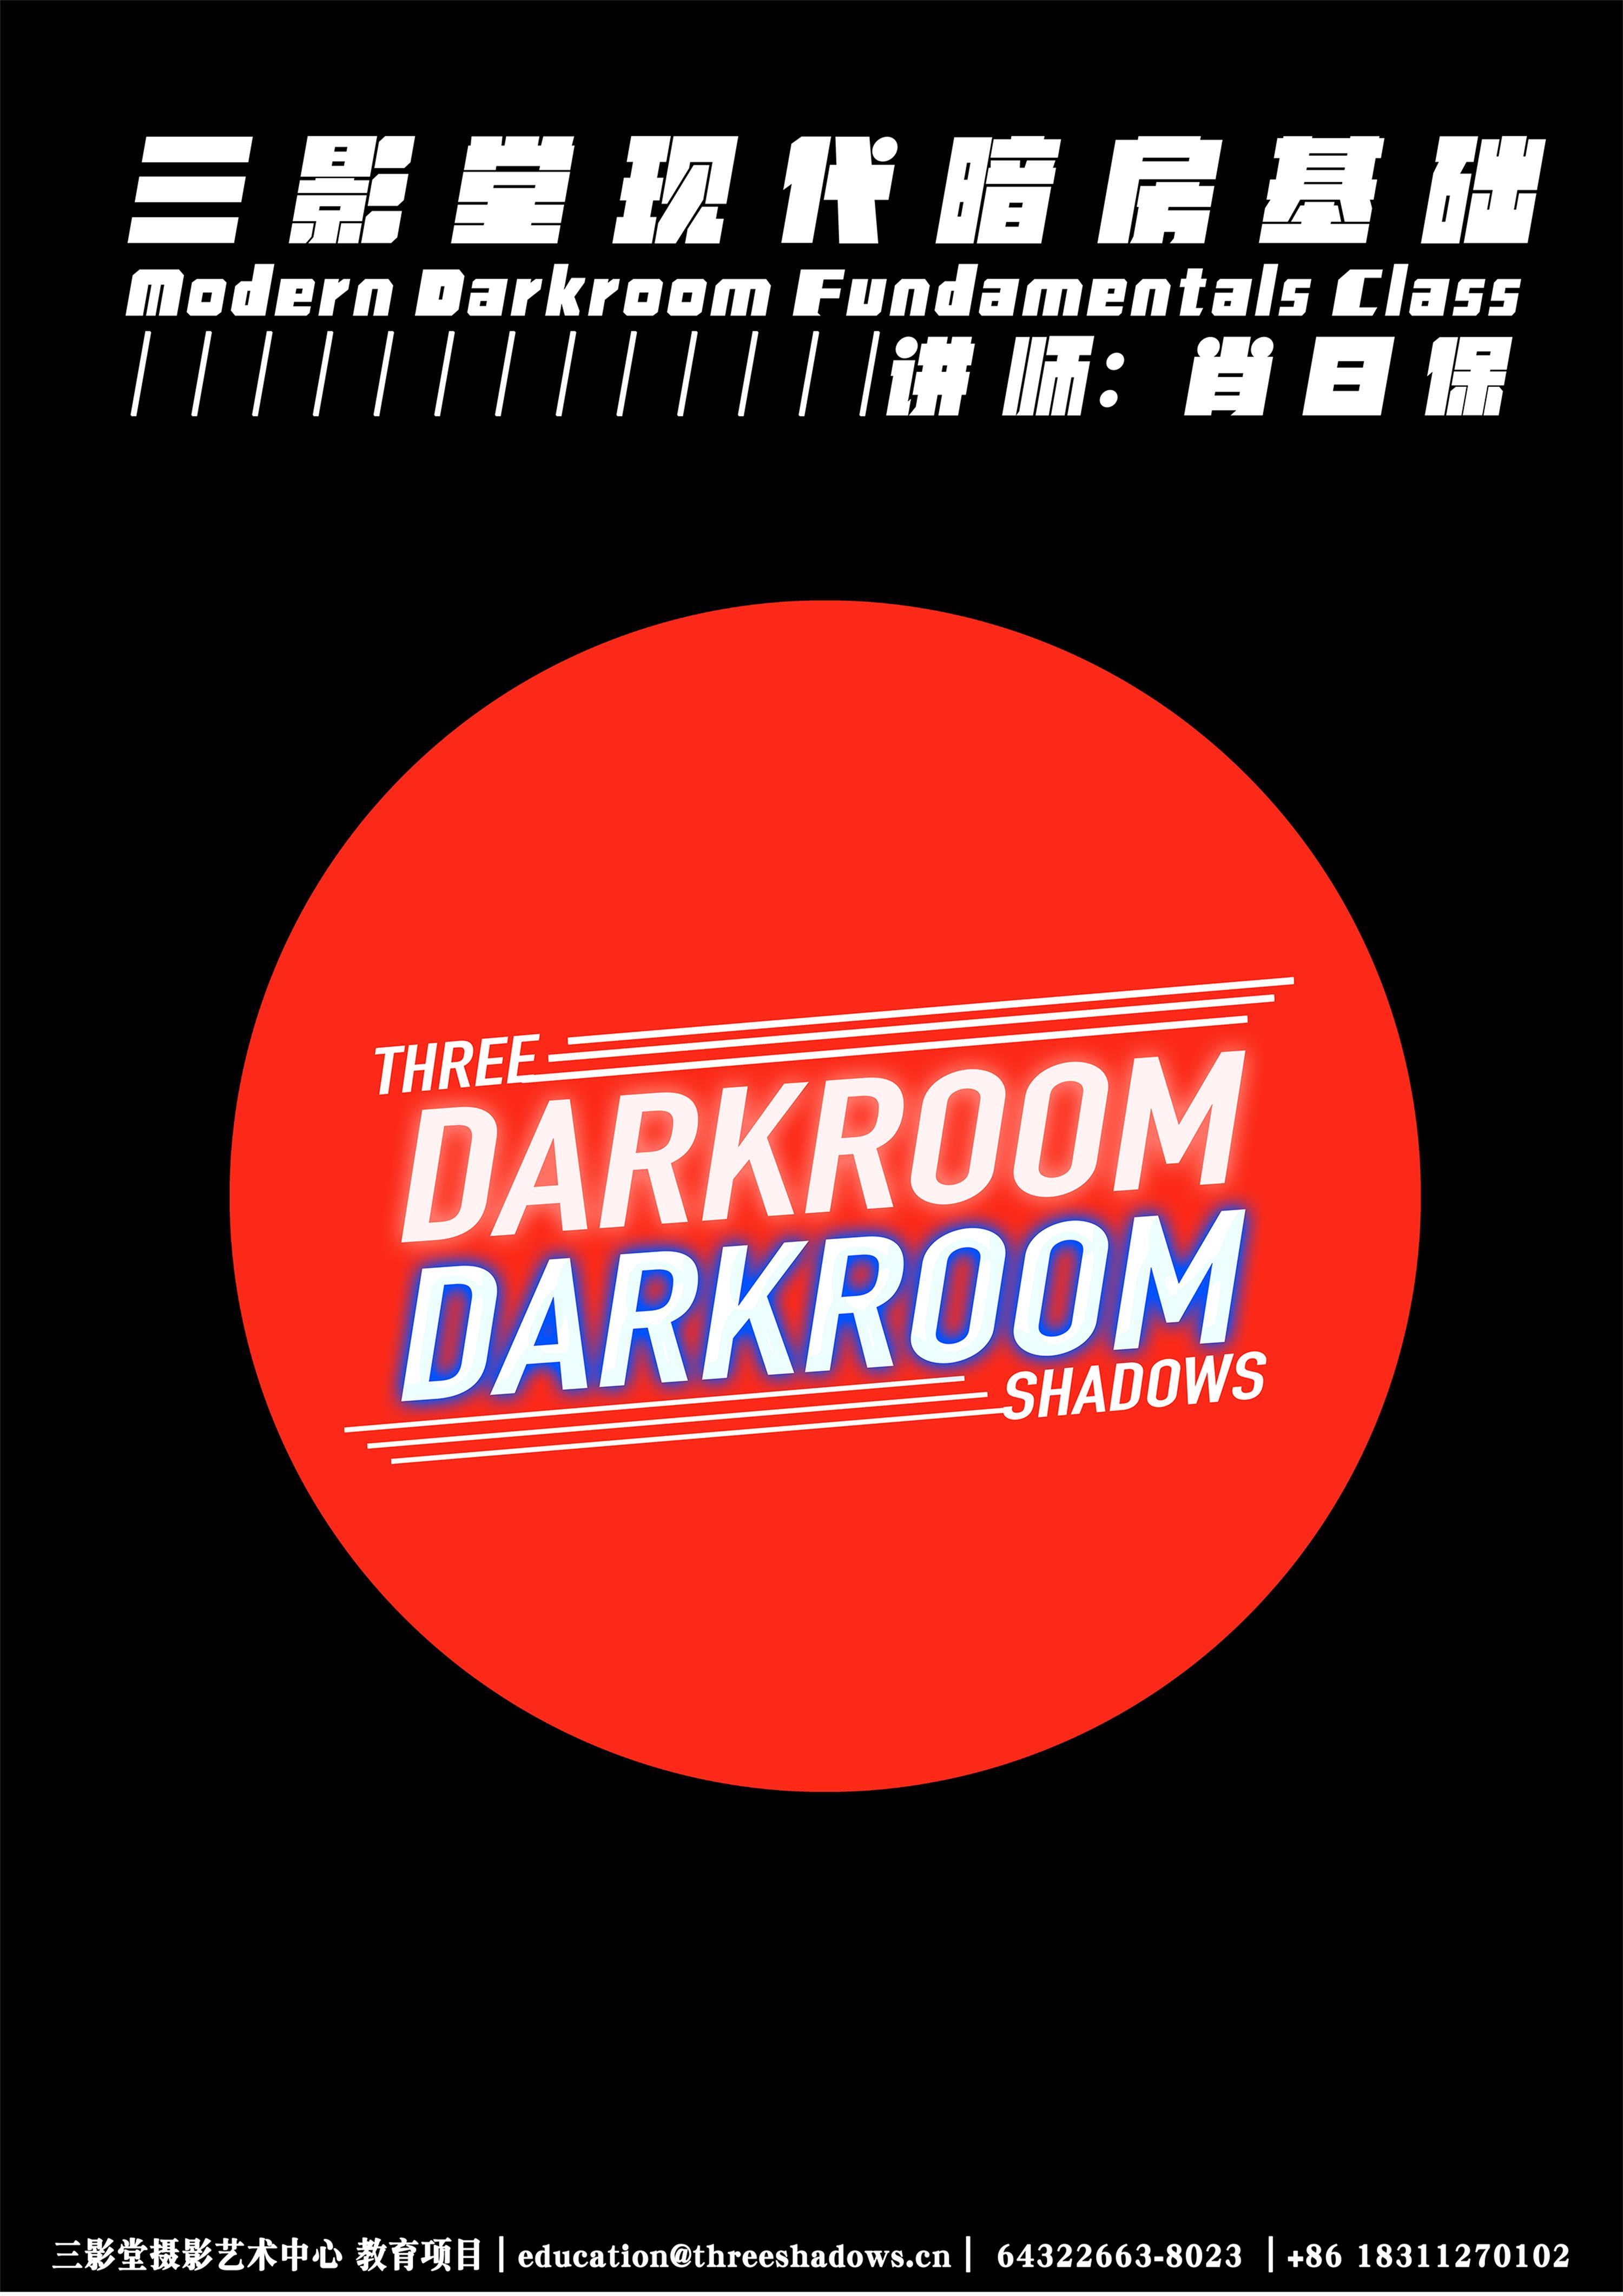 2016 肖日保:黑白摄影 现代暗房基础班(10月) | 北京